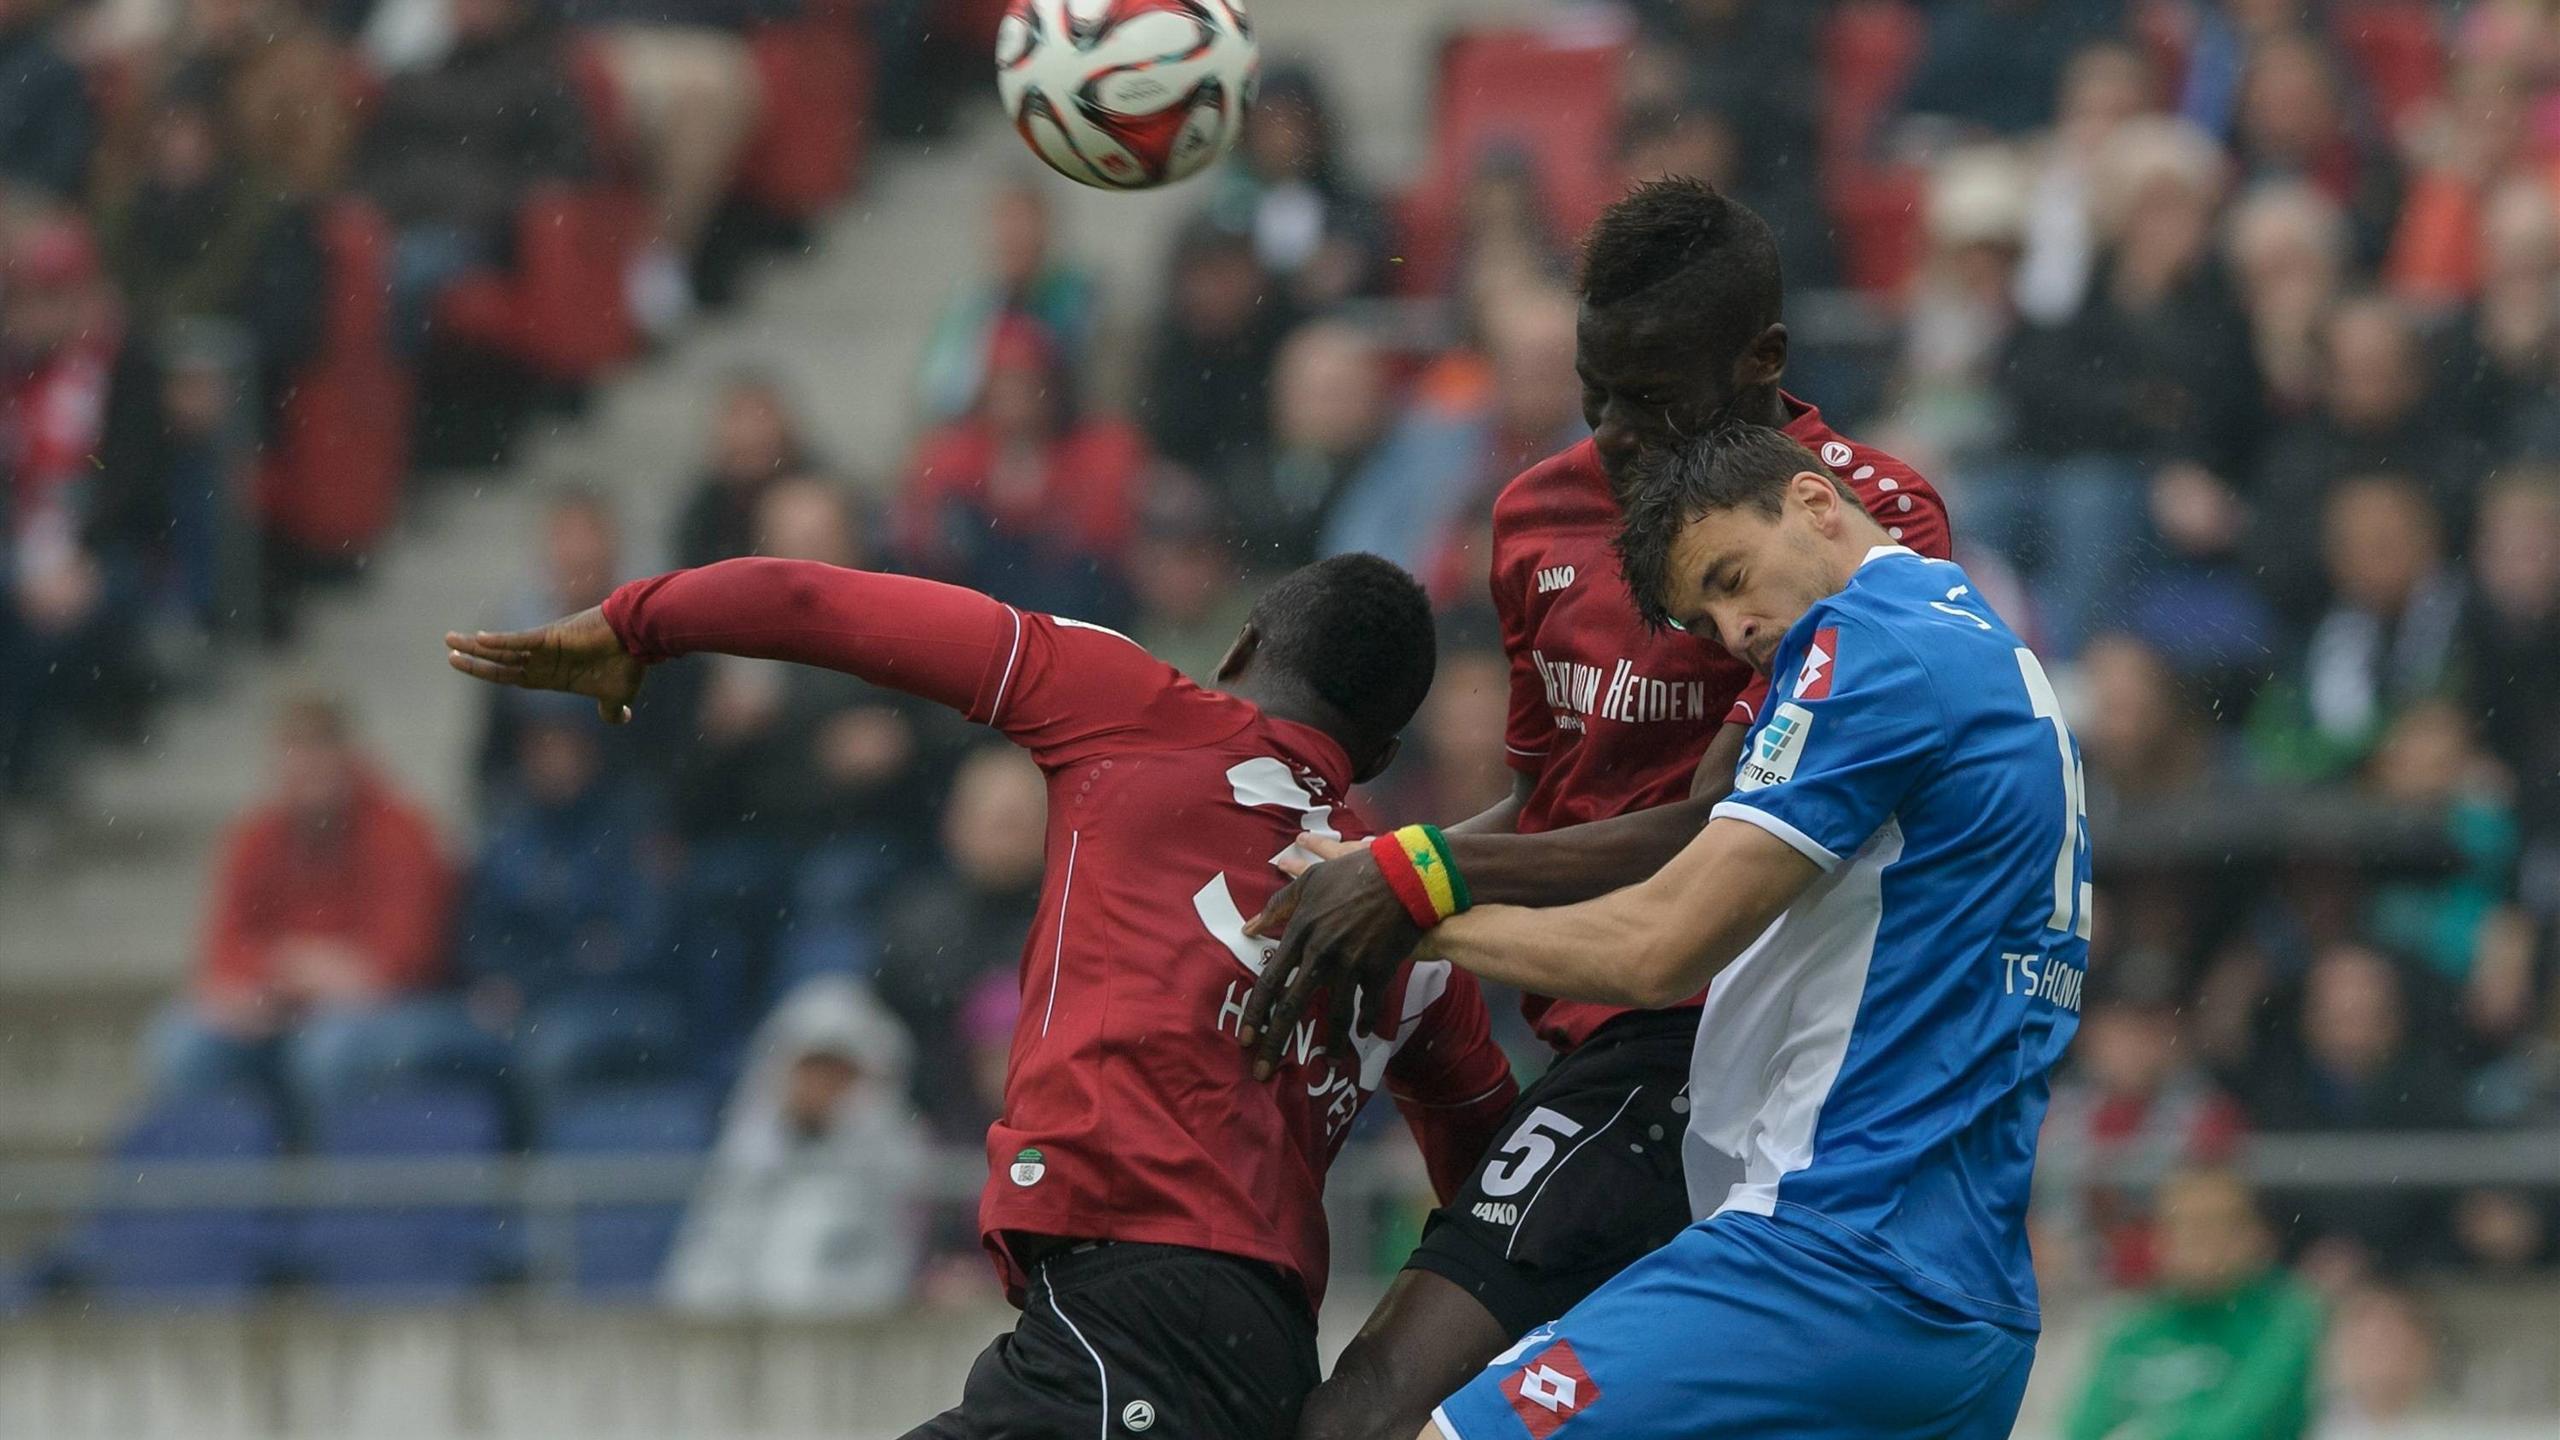 Video: Hannover 96 vs Hoffenheim